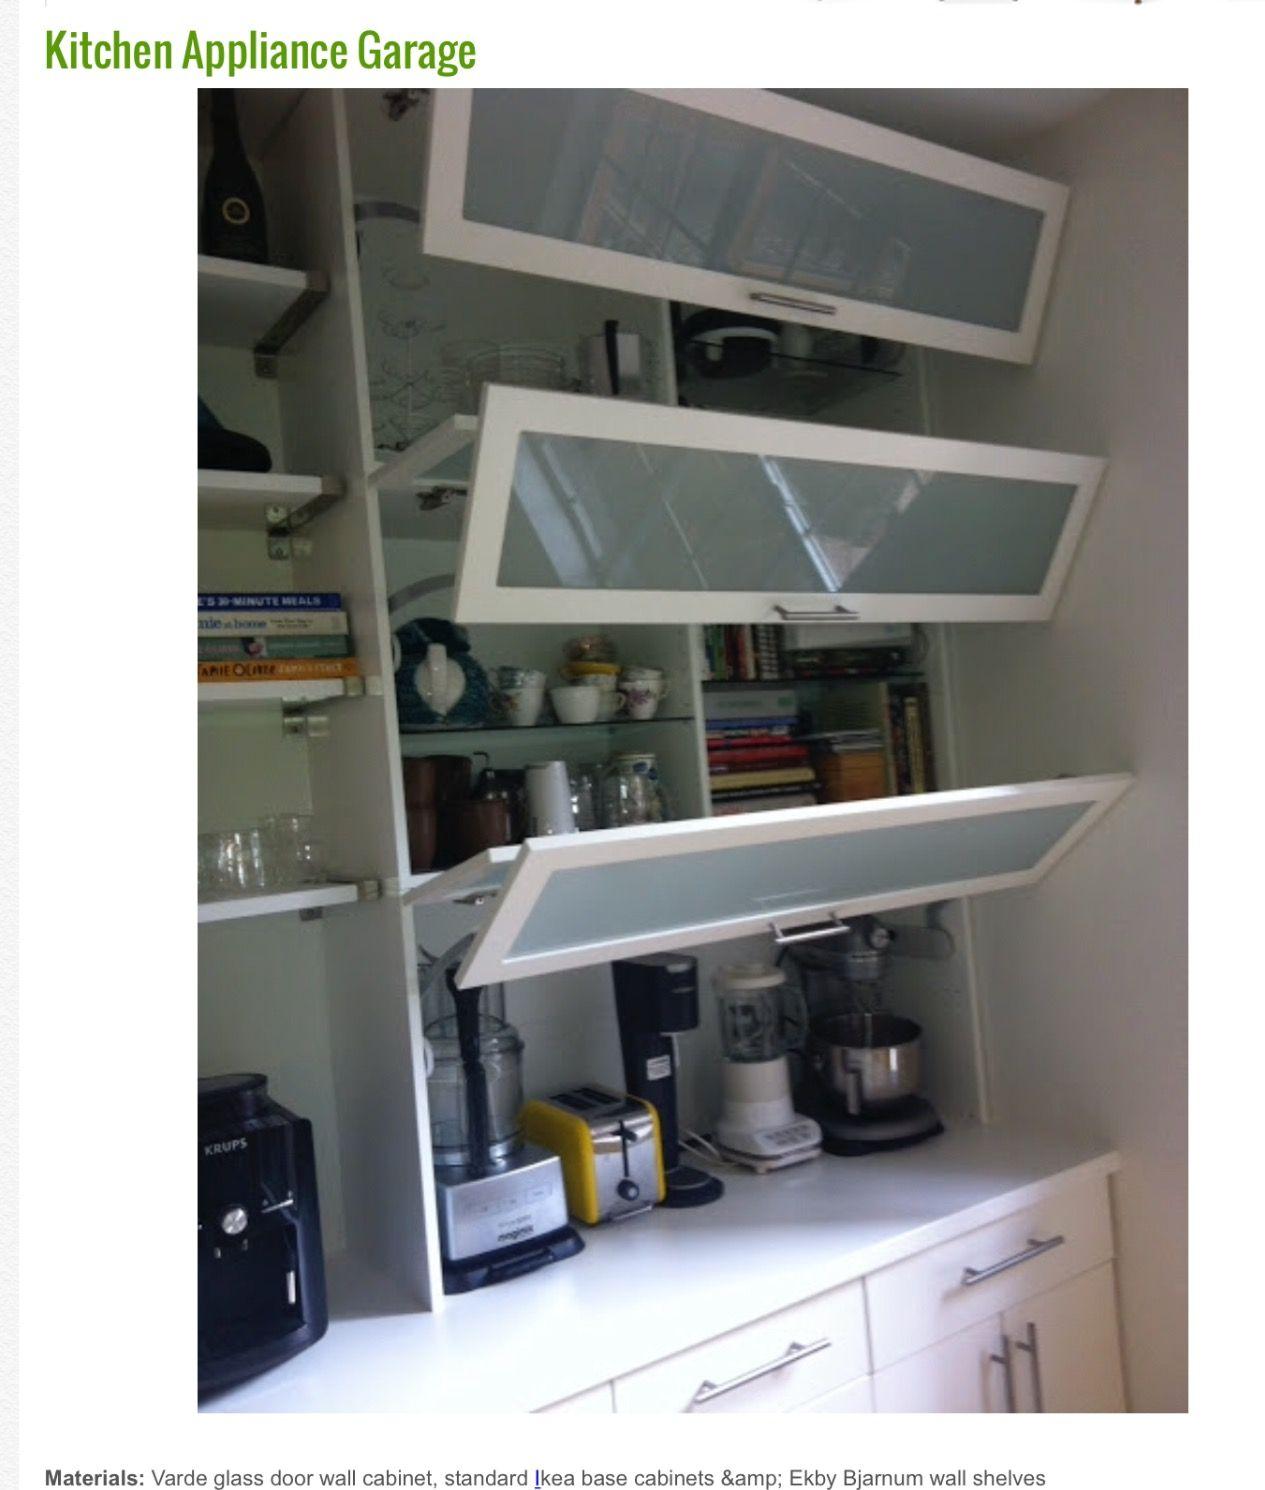 Ikea Küche Selbst Planen. Komplette Küche Günstig Fünf Zimmer Sarg ...